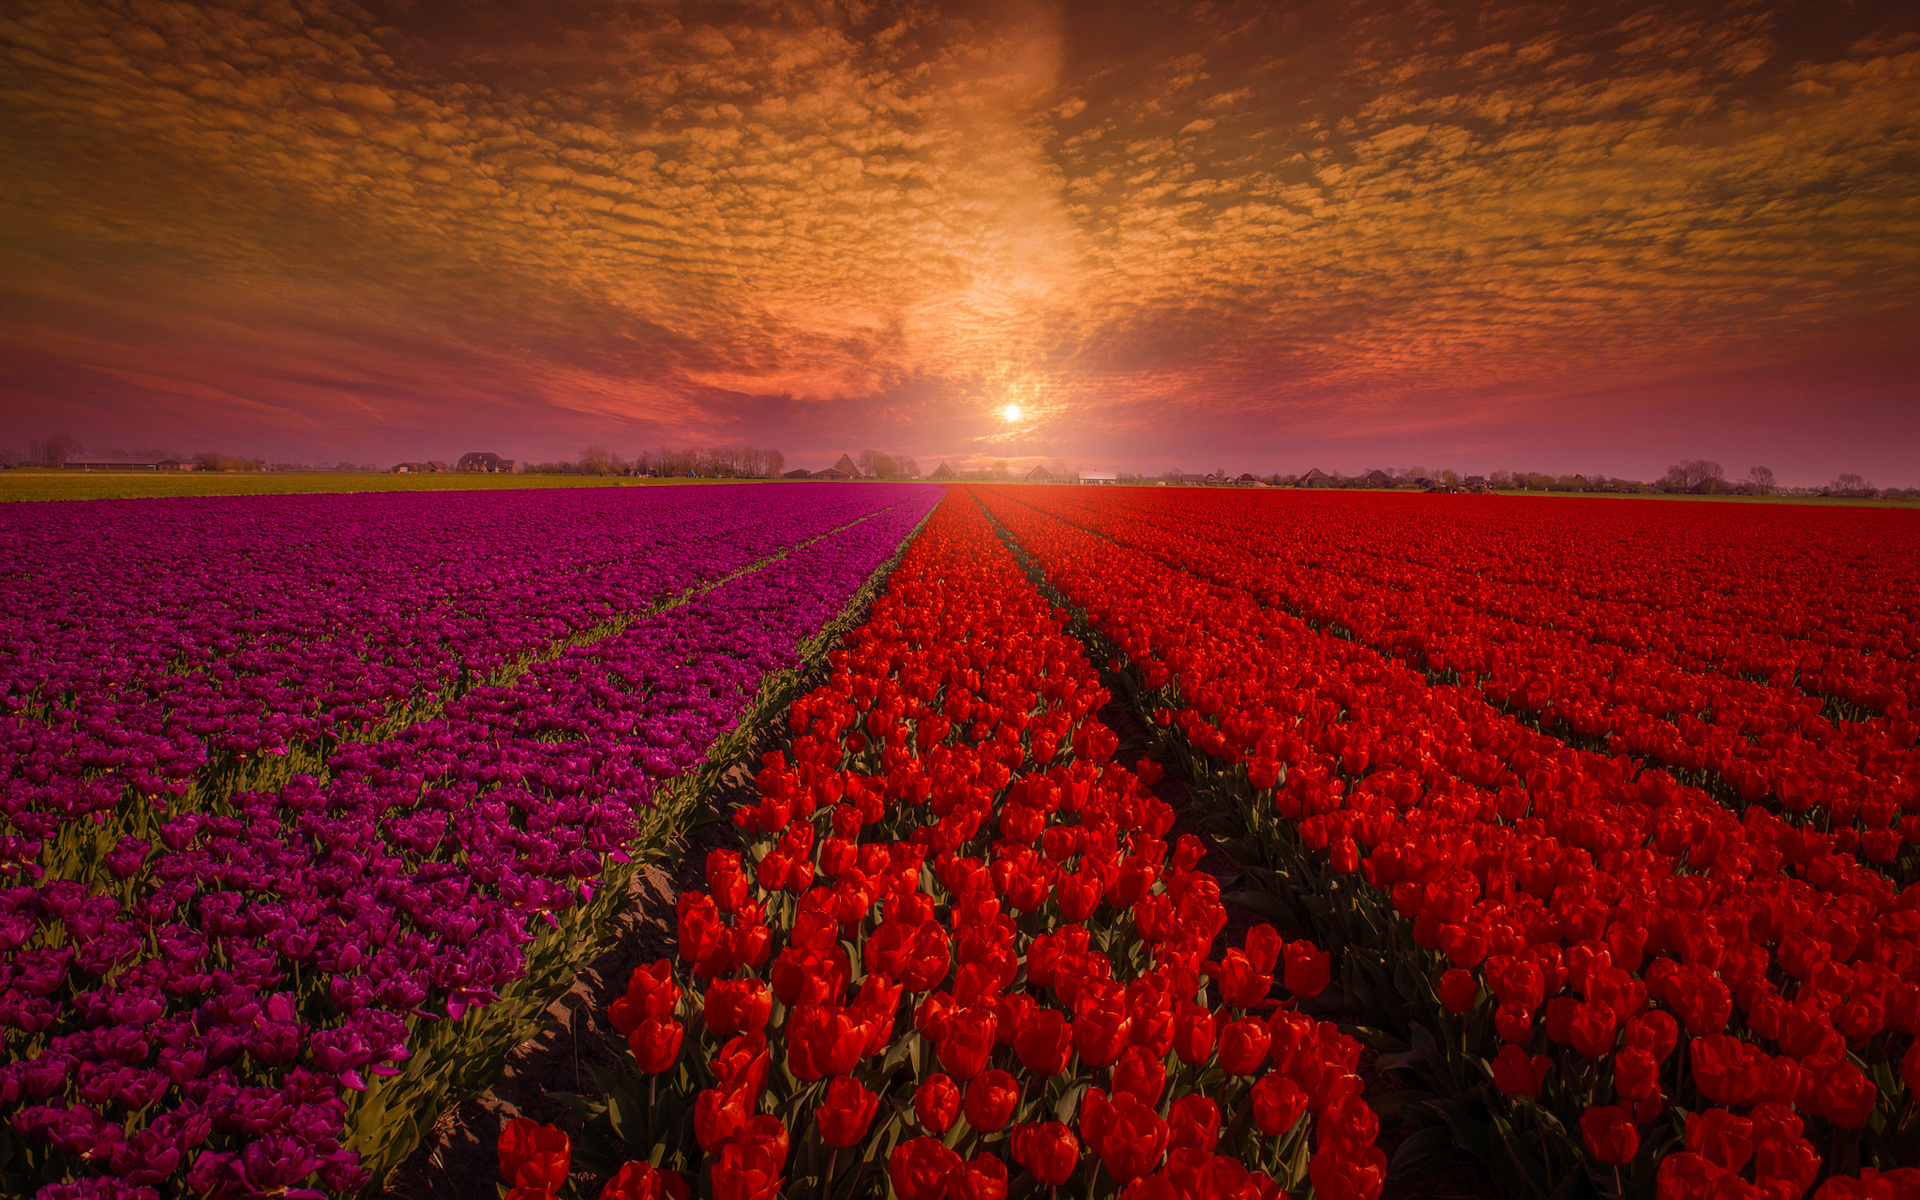 самые красивые картинки поля что